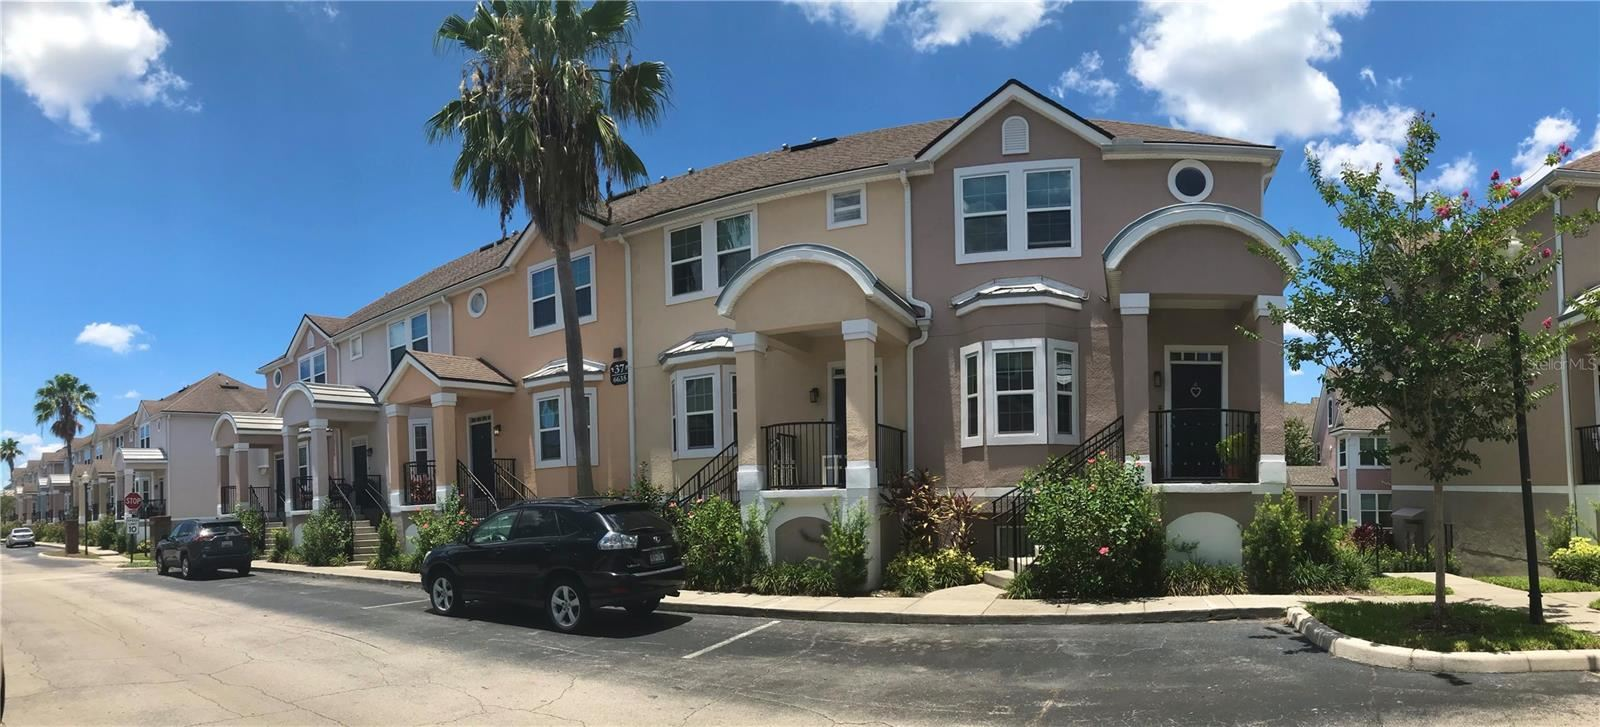 6635 TIME SQUARE AVENUE #101, Orlando, FL 32835 - #: O5950492